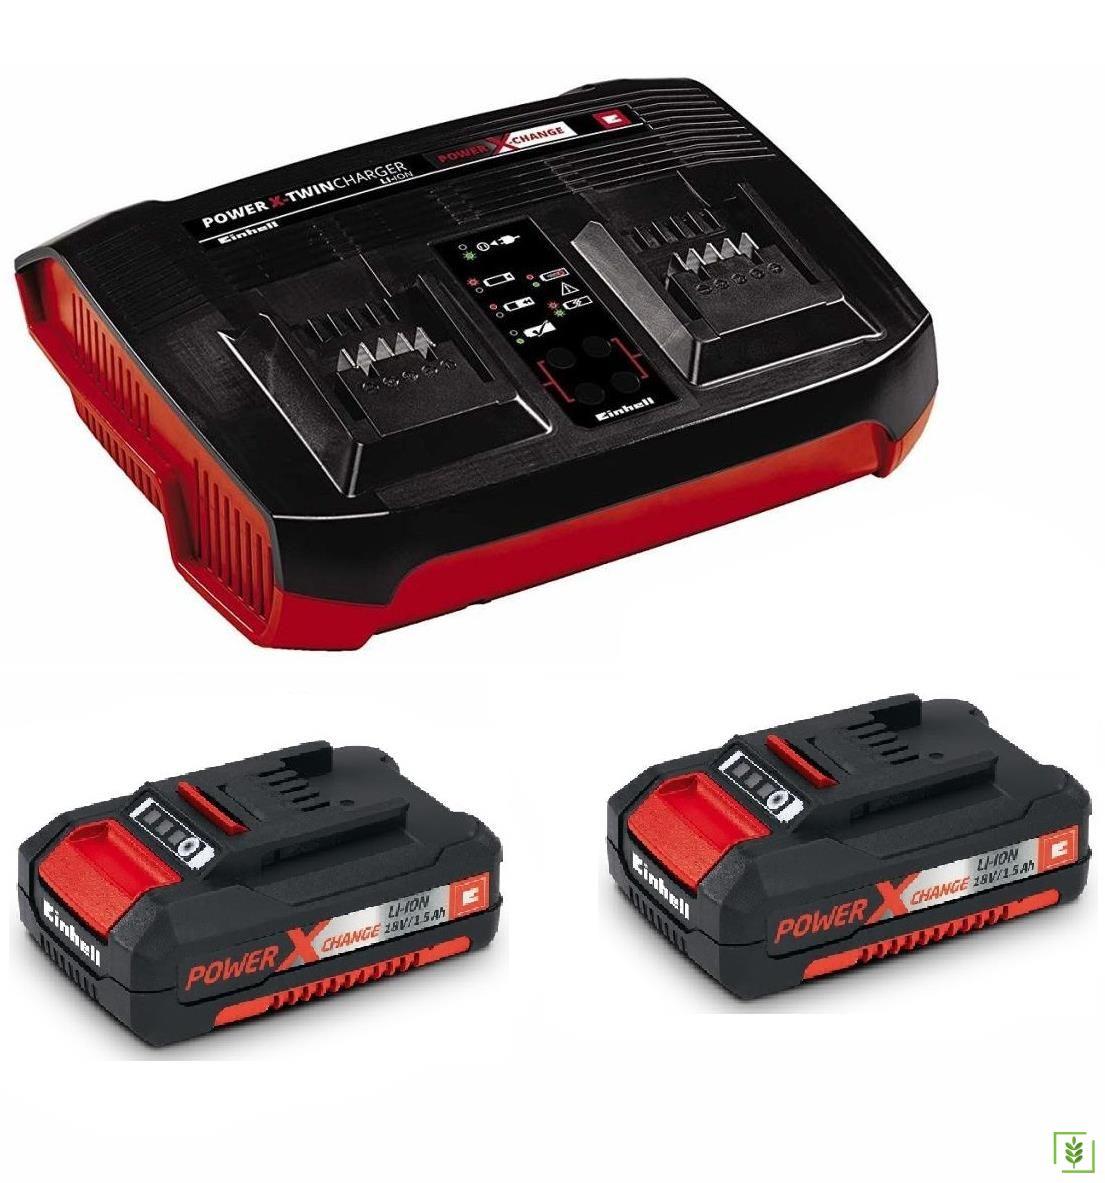 Einhell 2 x 1.5 Ah Akü Twincharger İkili Şarj Cihazi Kiti